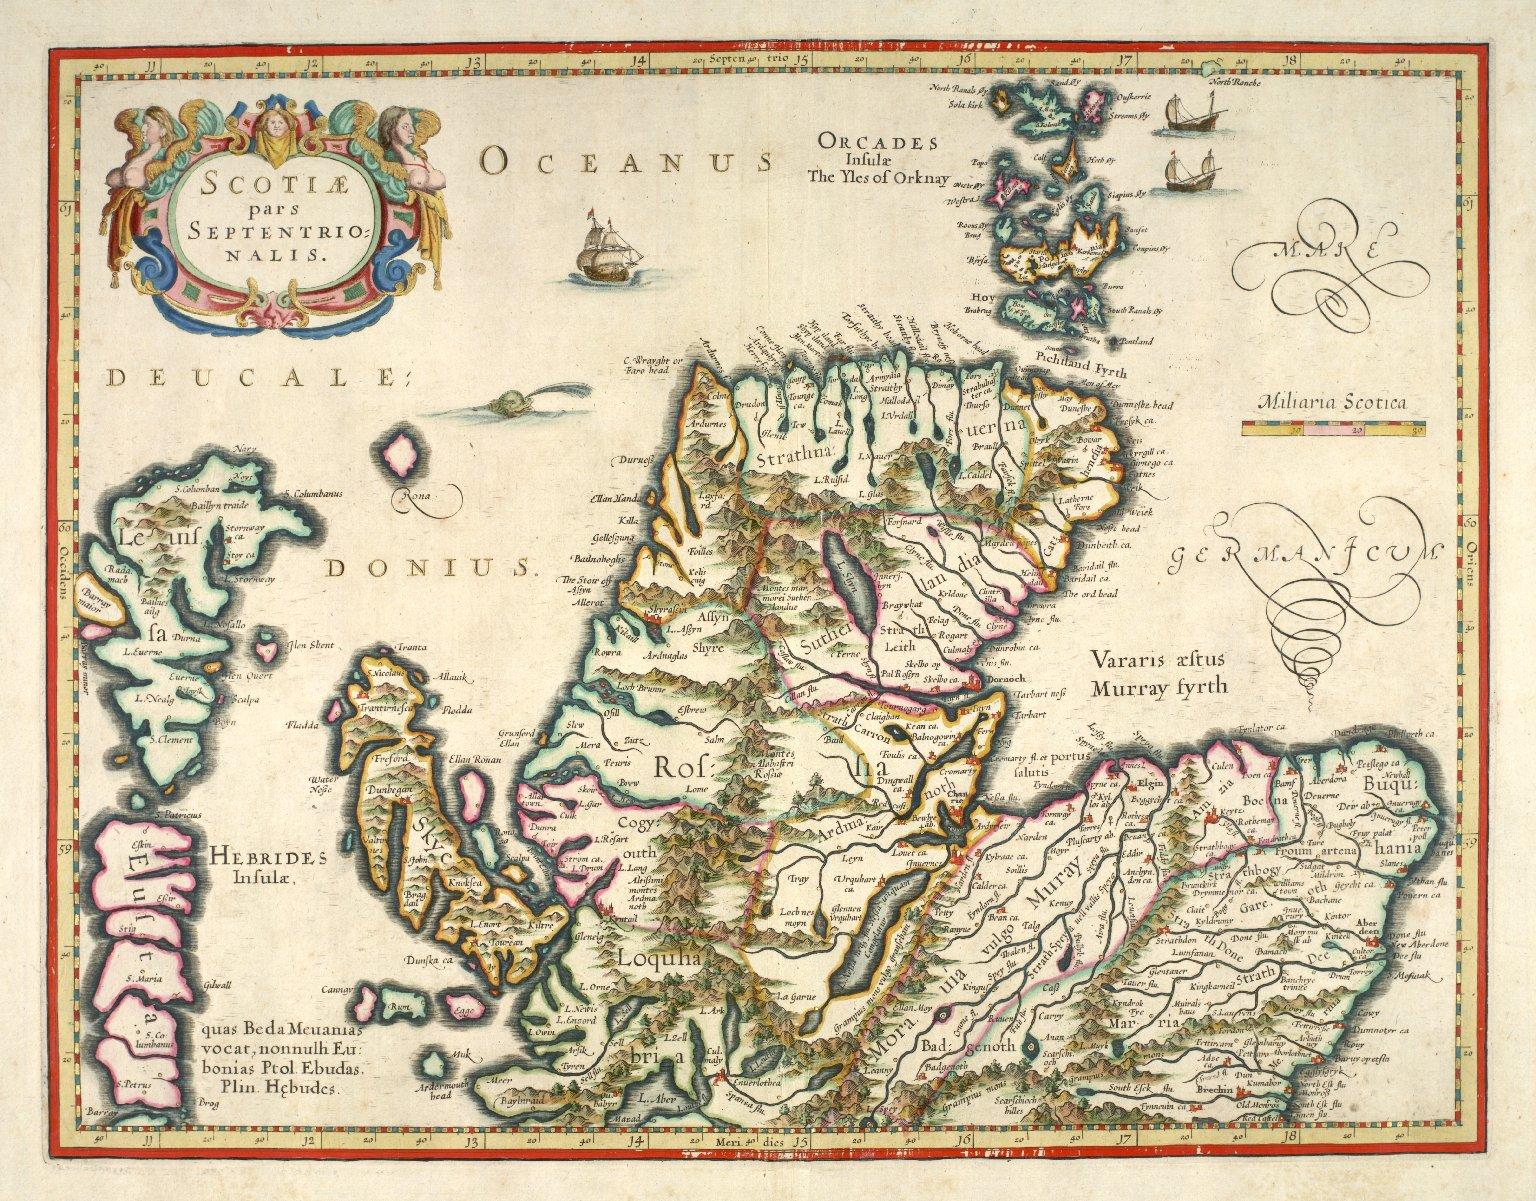 Scotia pars septentrio:nalis. [1 of 1]